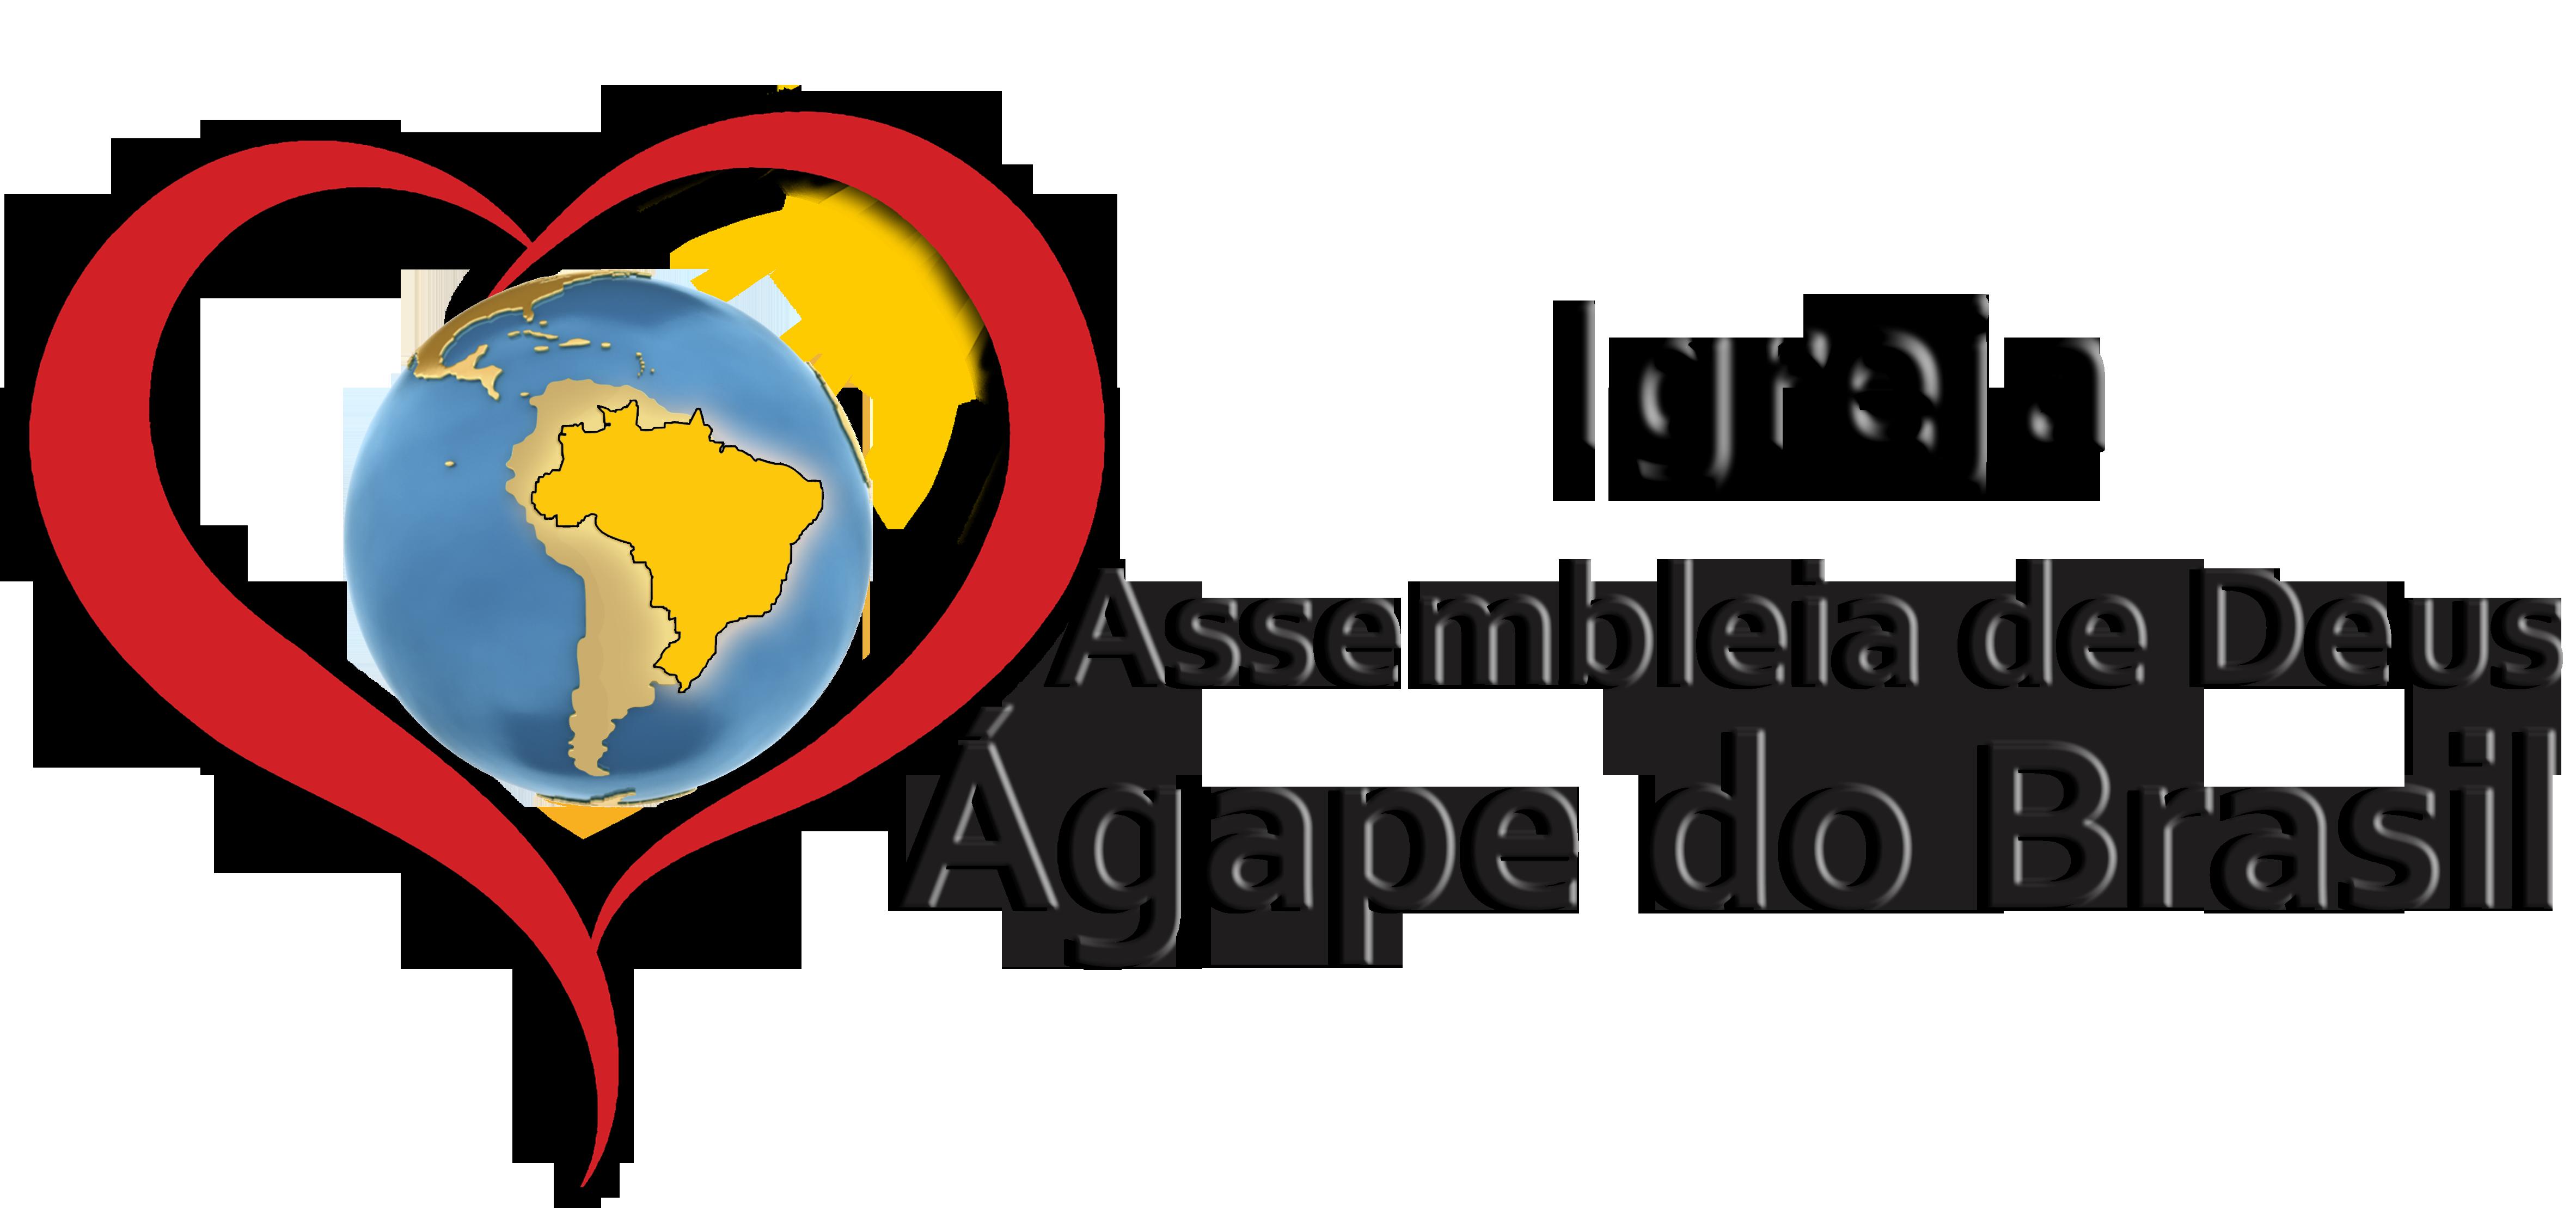 Igreja Ágape do Brasil